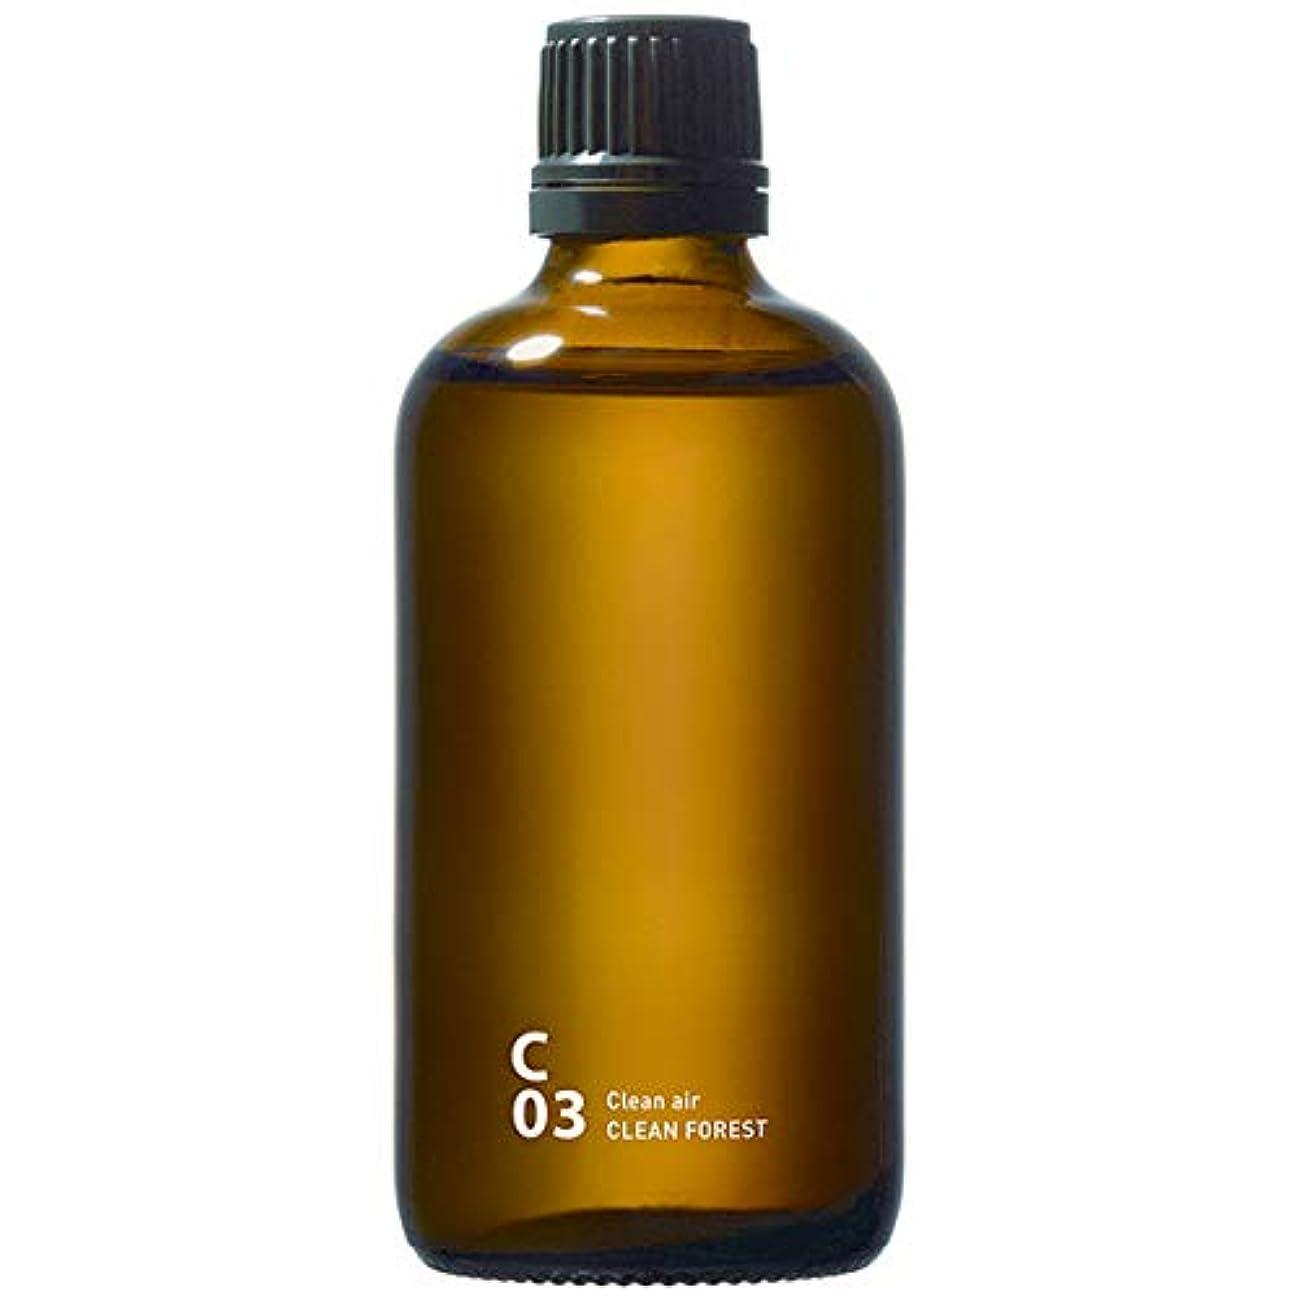 国民投票パーチナシティ補うC03 CLEAN FOREST piezo aroma oil 100ml